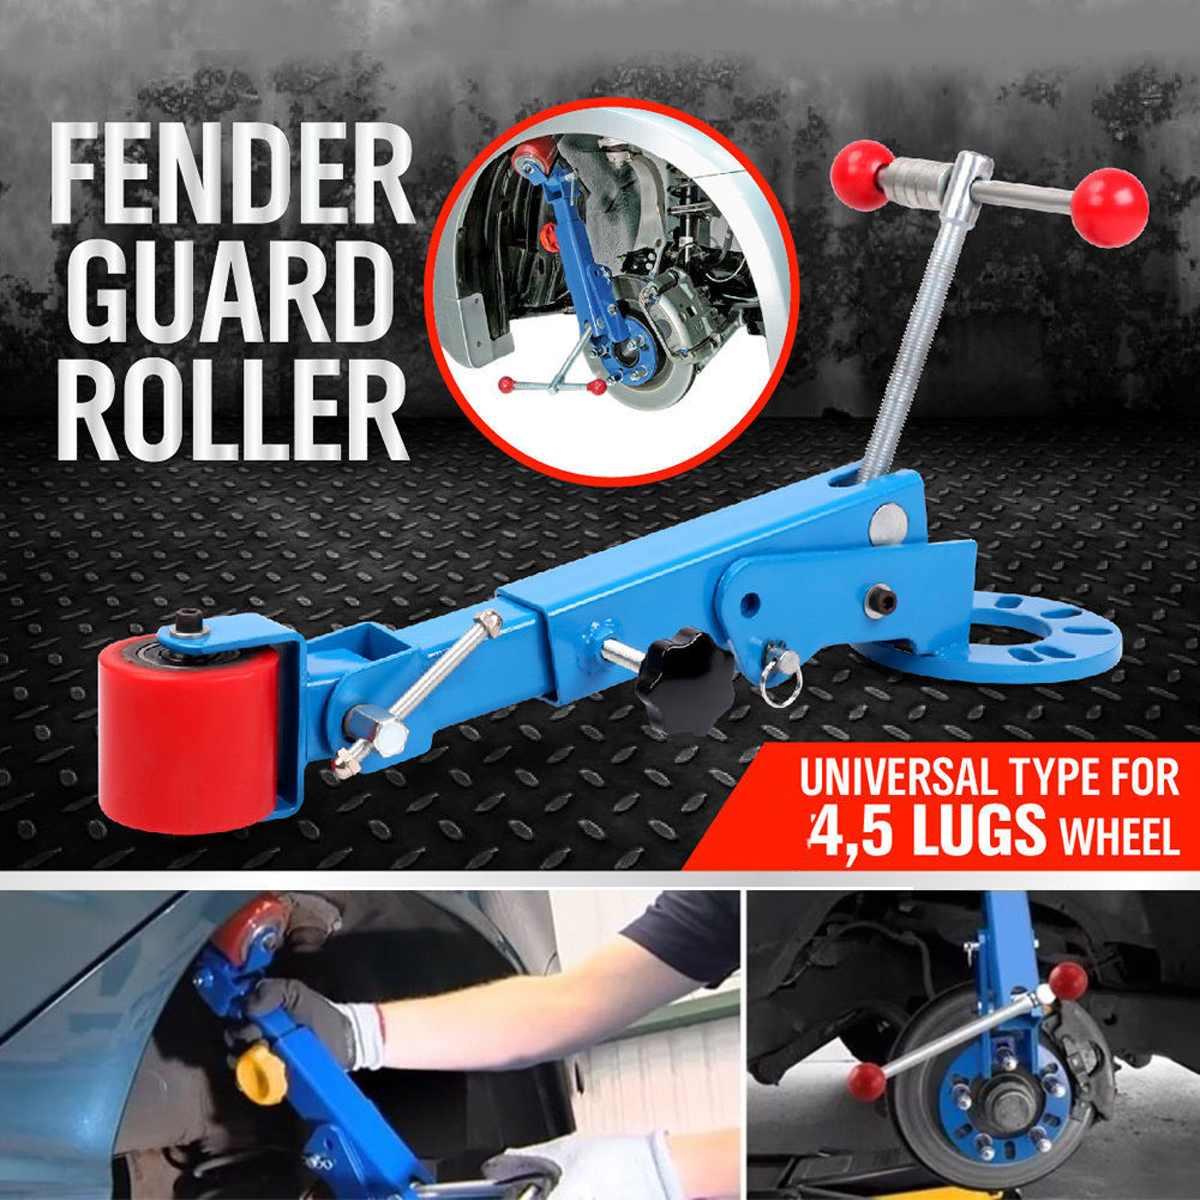 Рулон для Fender реформирования Расширение Инструмент колеса Арка ролик сжигания бывший тяжелый детали для деревообрабатывающего оборудован